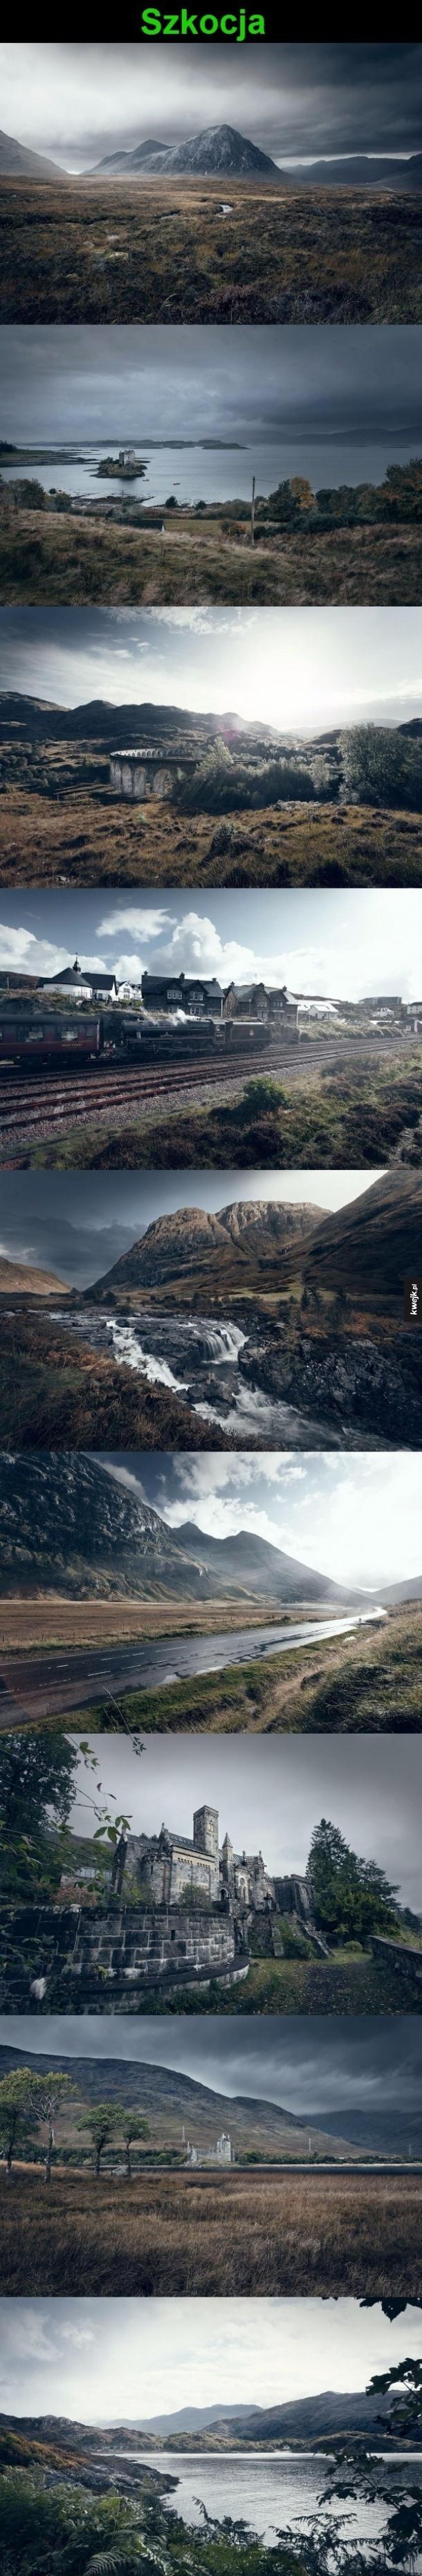 Szkocja :)